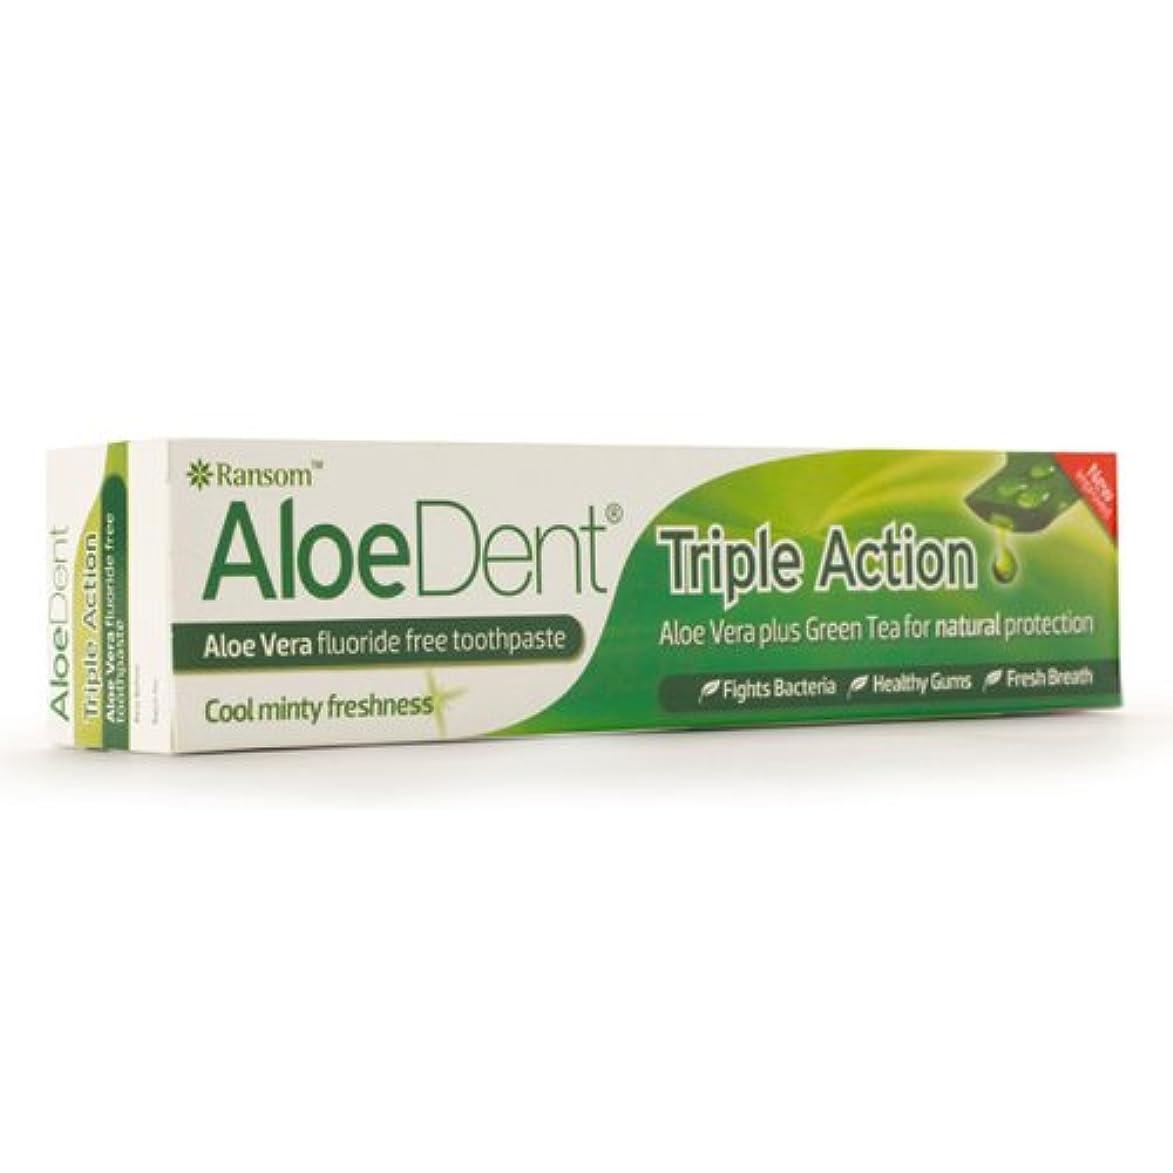 自分を引き上げる熱意宣伝AloeDent Triple Action Aloe Vera Fluoride Free Toothpaste 100ml